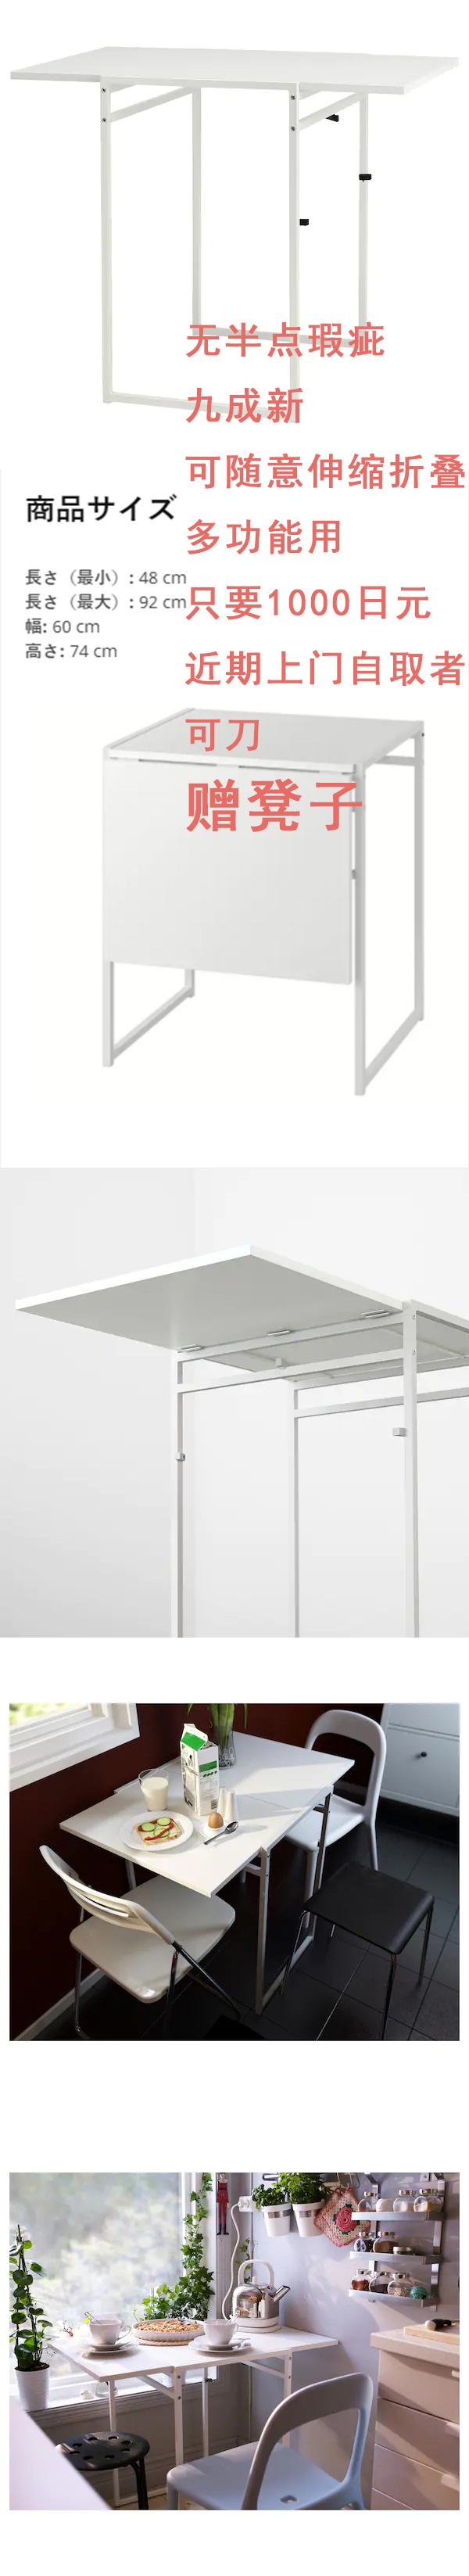 折叠桌 (1).jpg